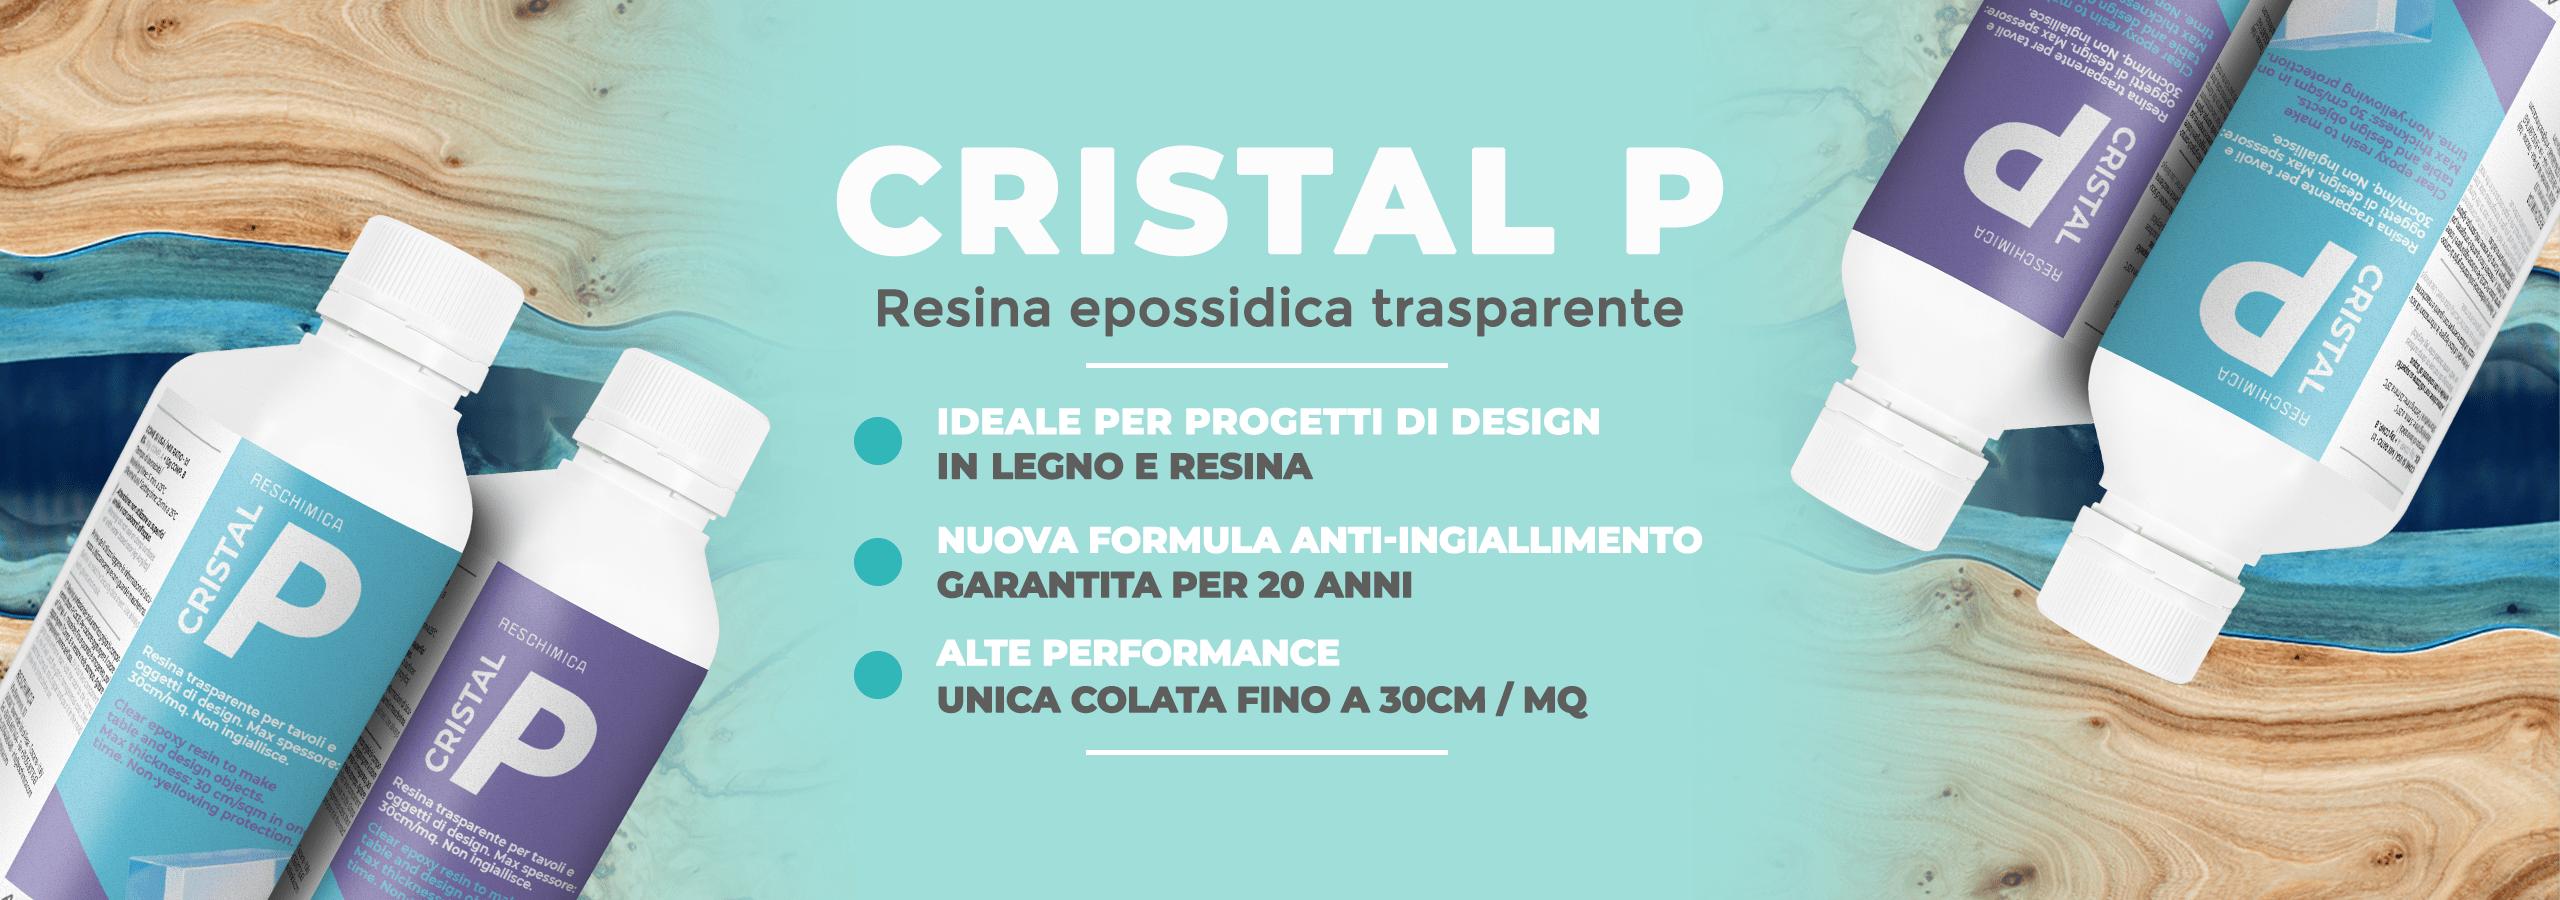 reschimica resine epossidiche e poliuretaniche  cristal p